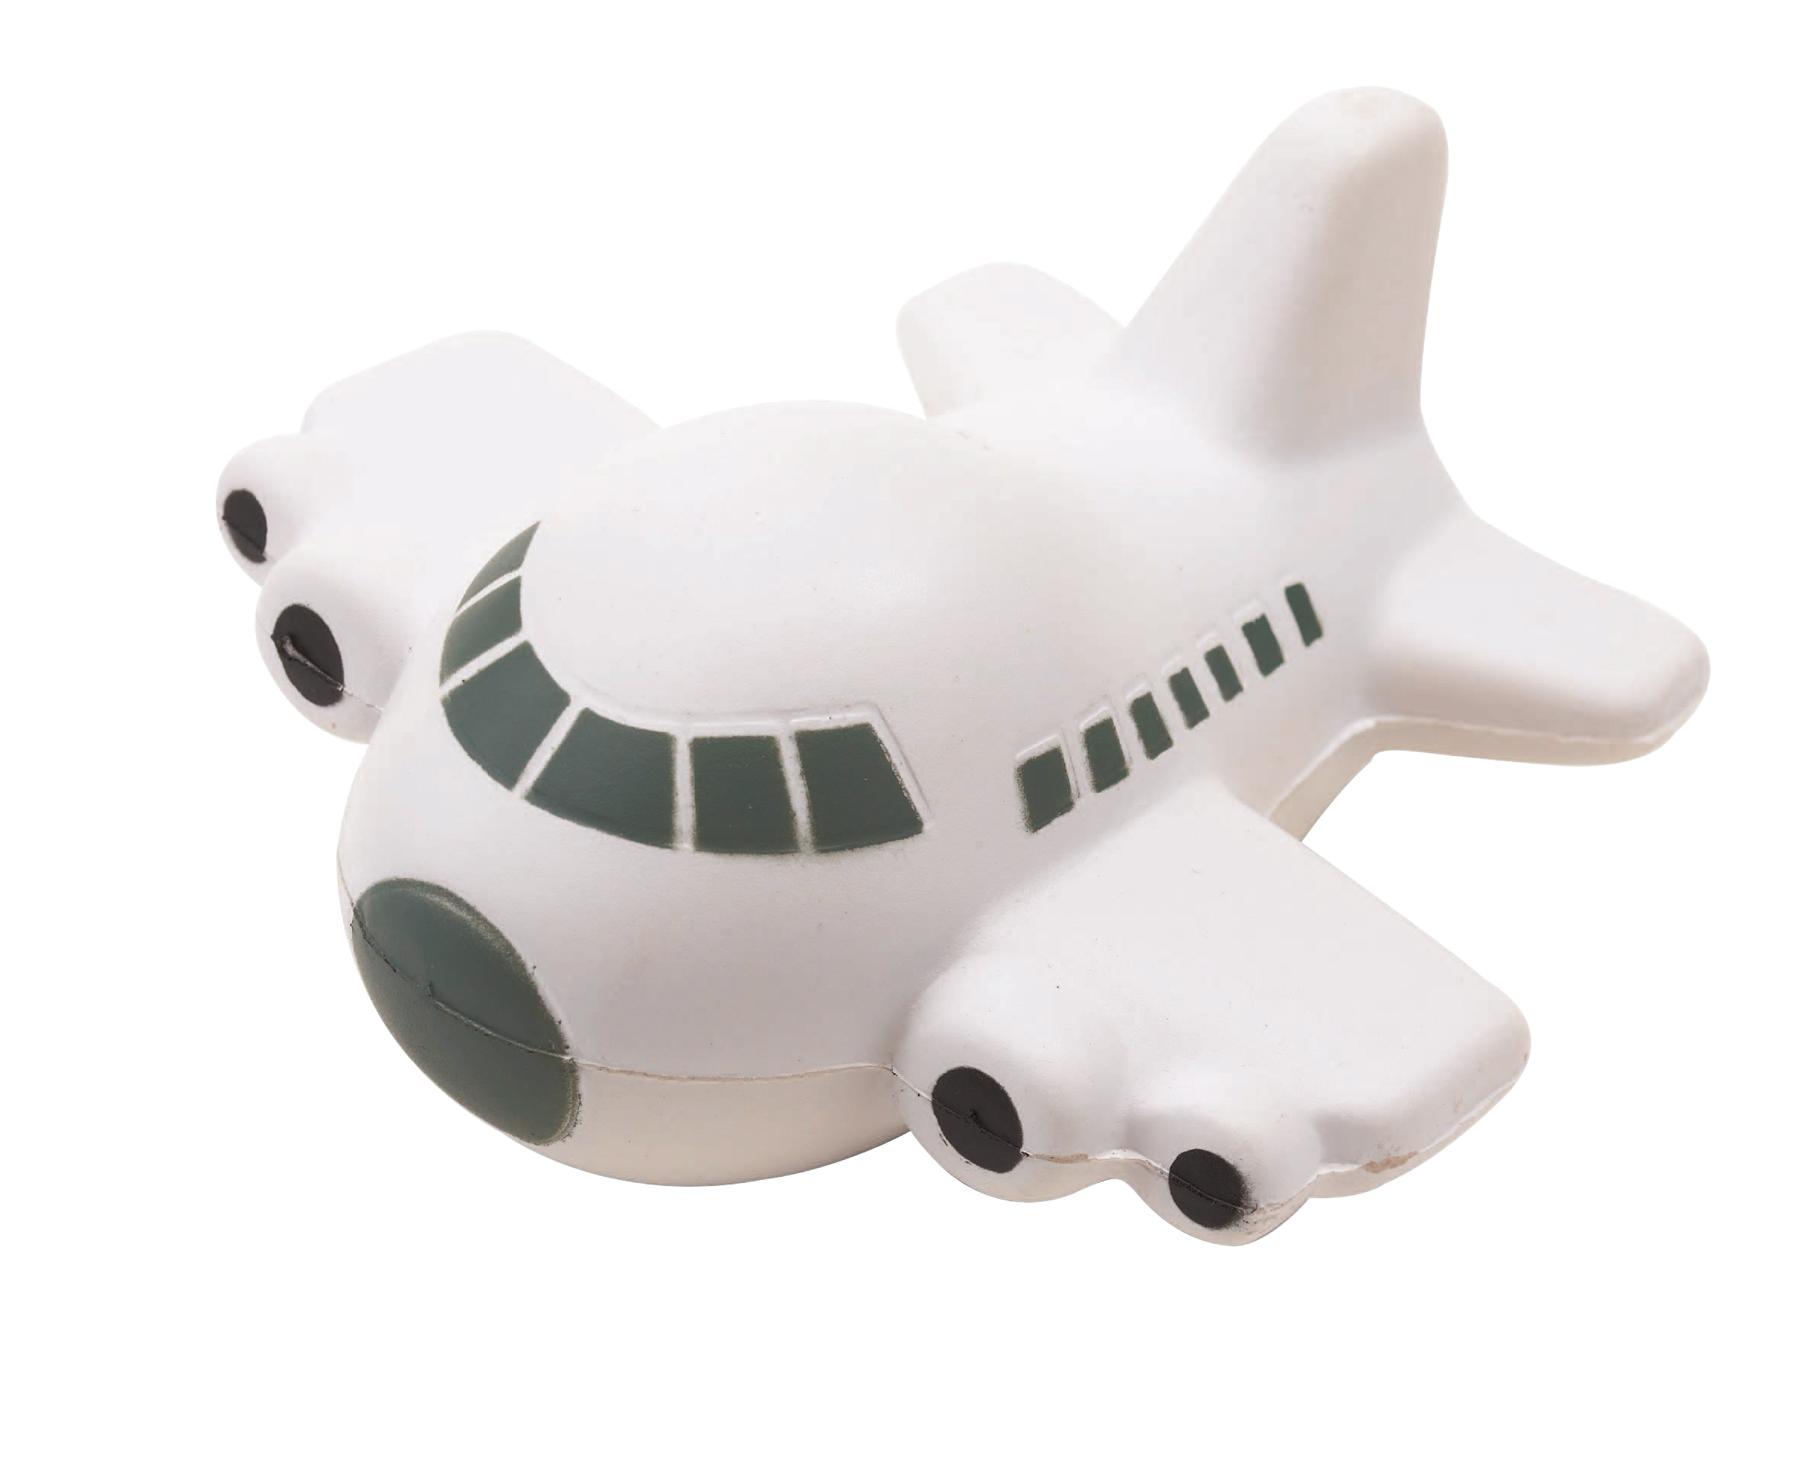 Samolot antystresowy TAKE OFF, biały, szary